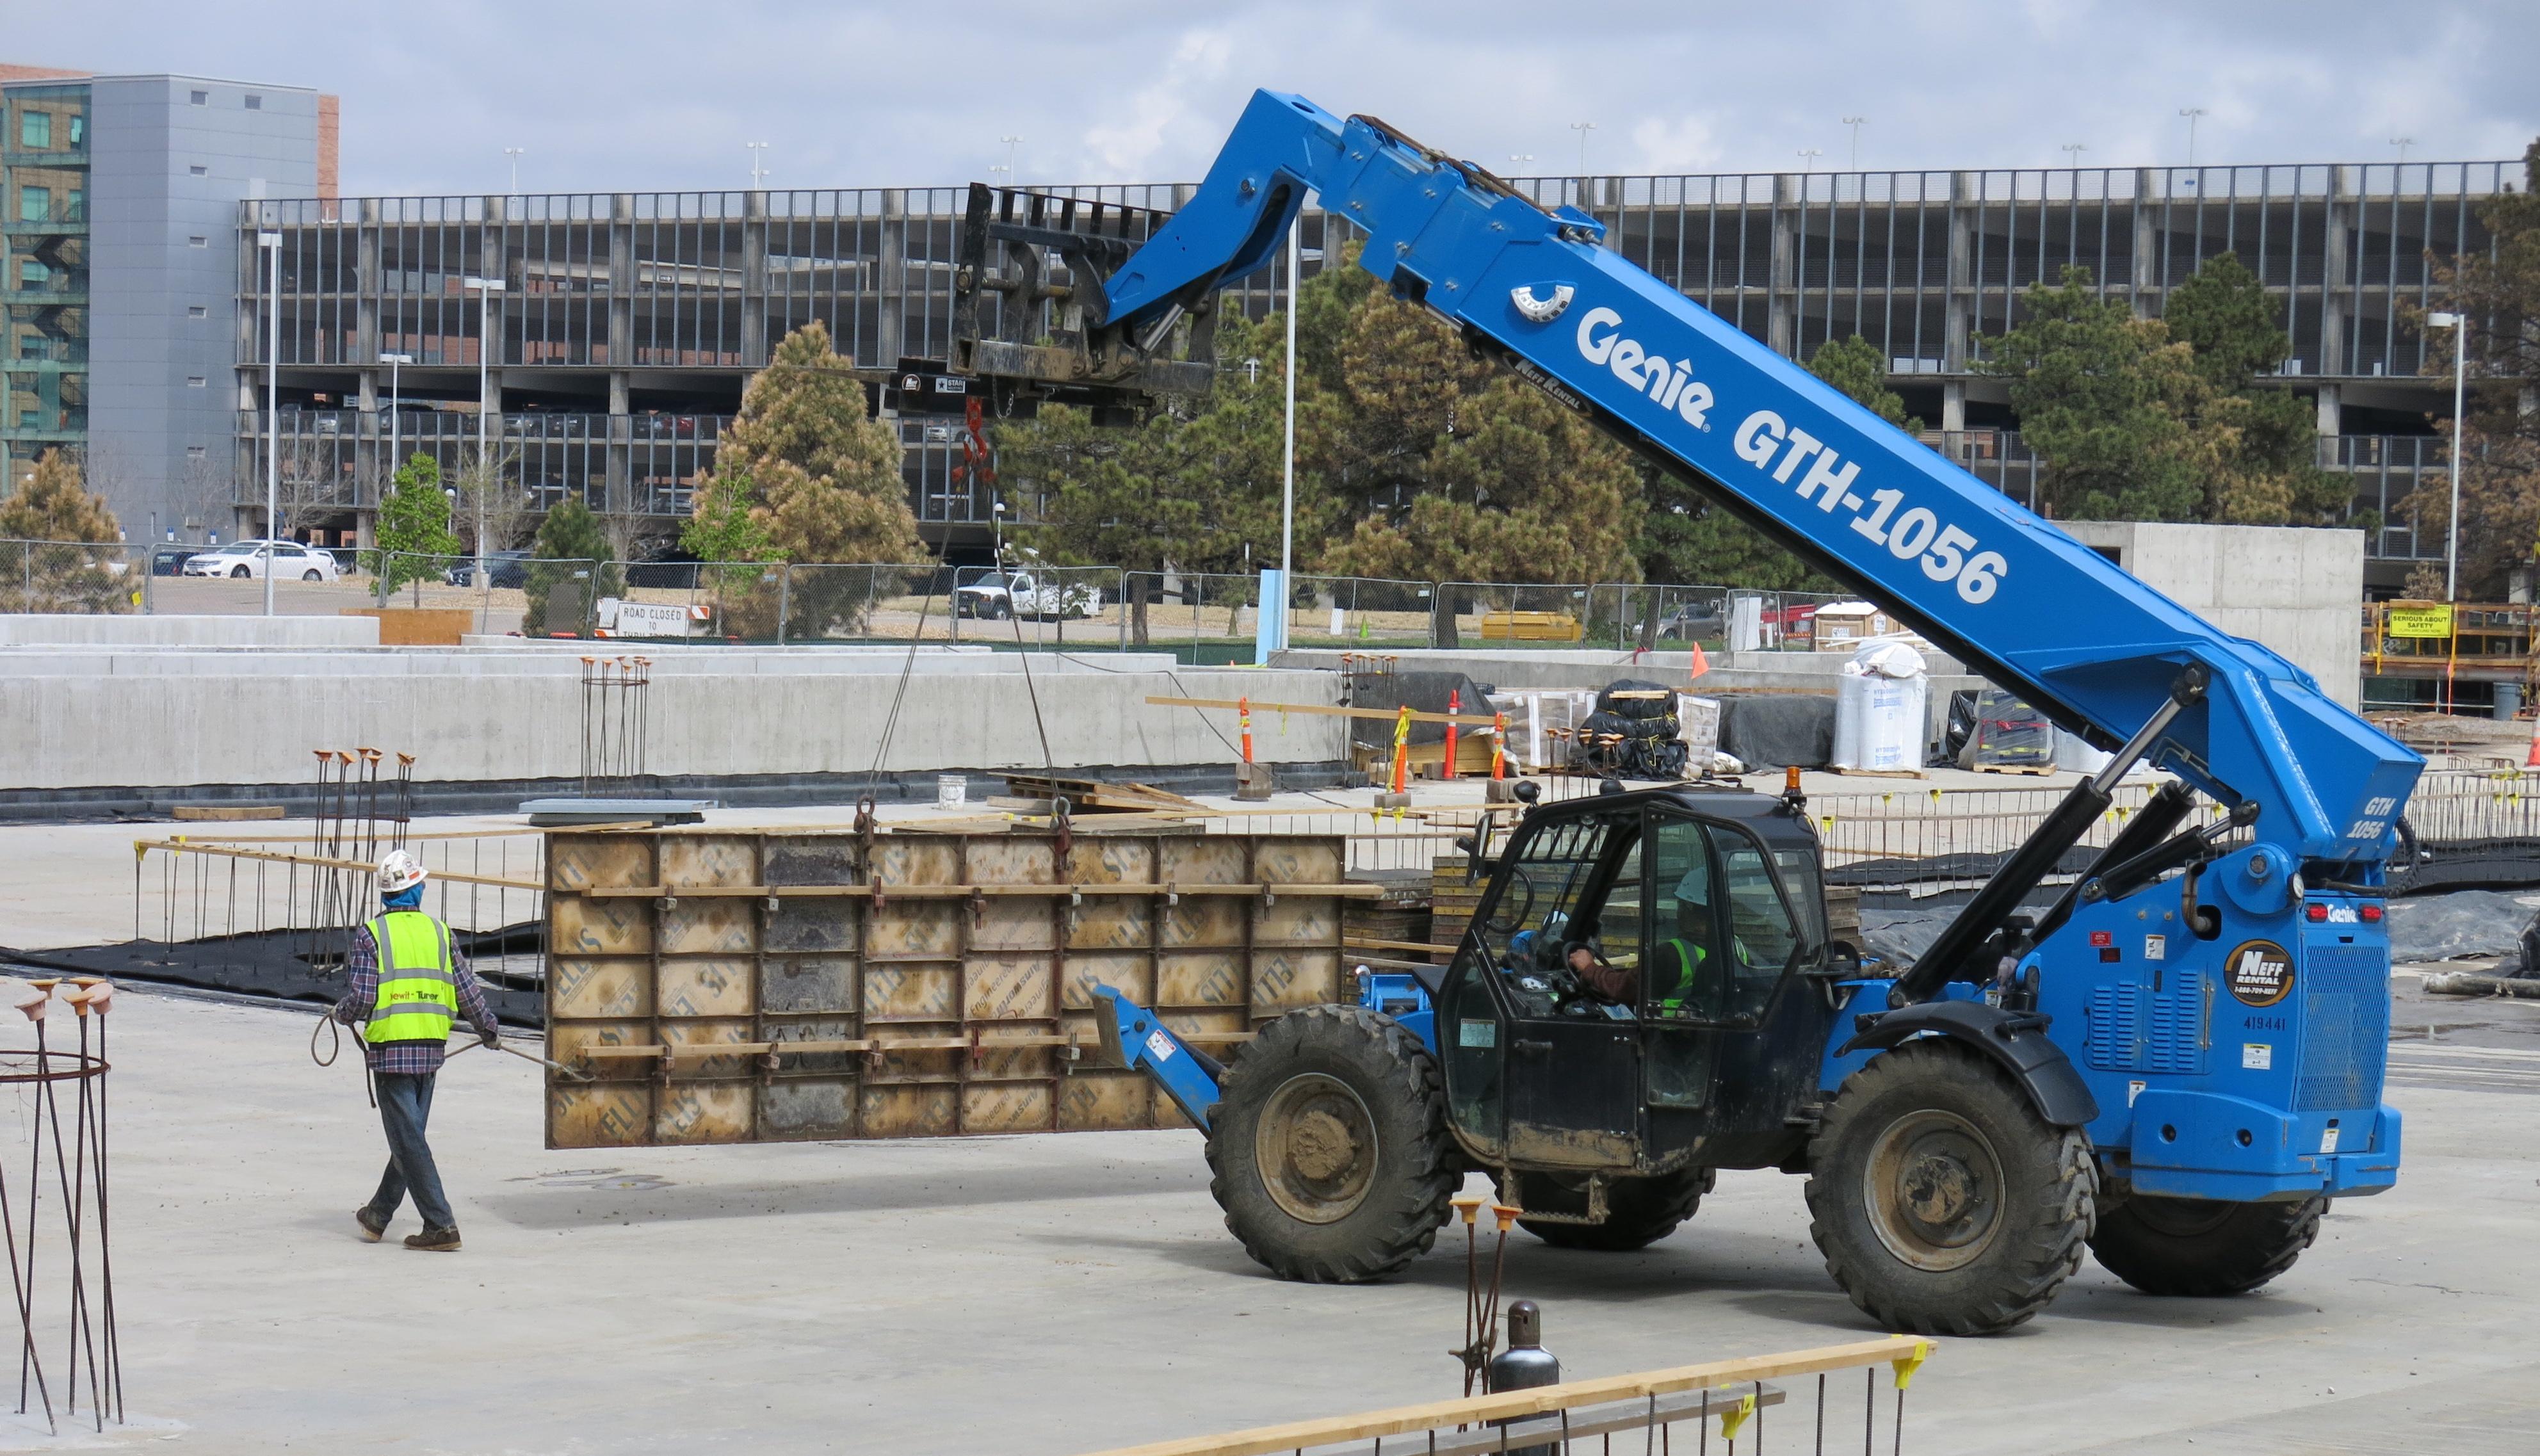 Photo: VA medical center construcrion, blue crane